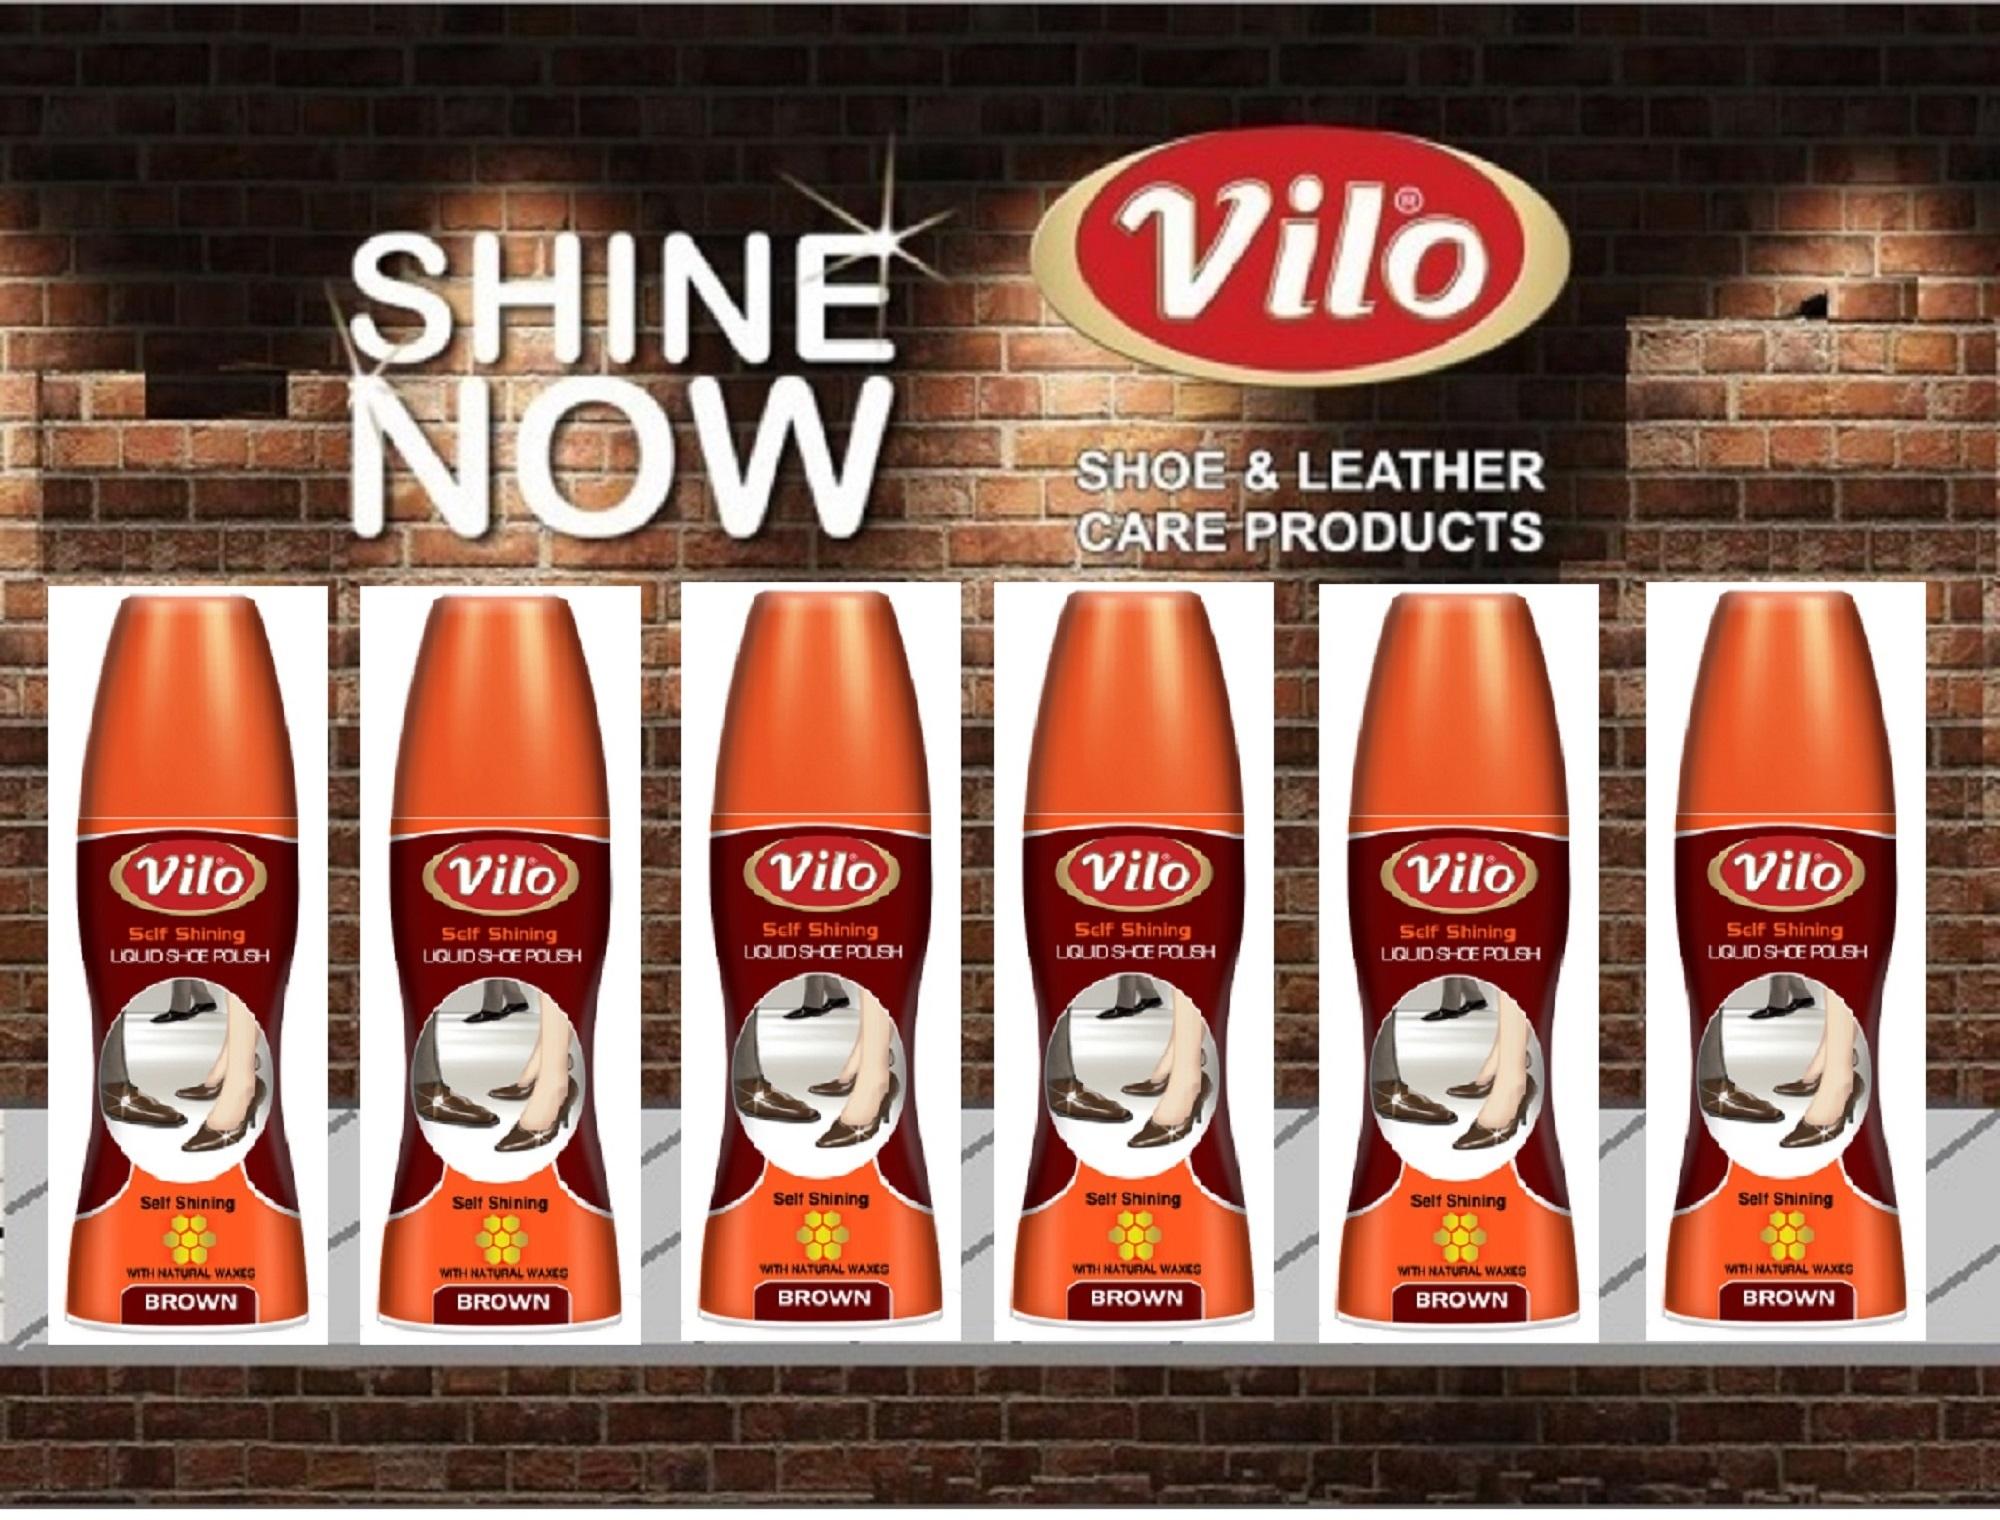 Xi nước đánh bóng giày Vilo liquid shoe polish 80ml (màu nâu)